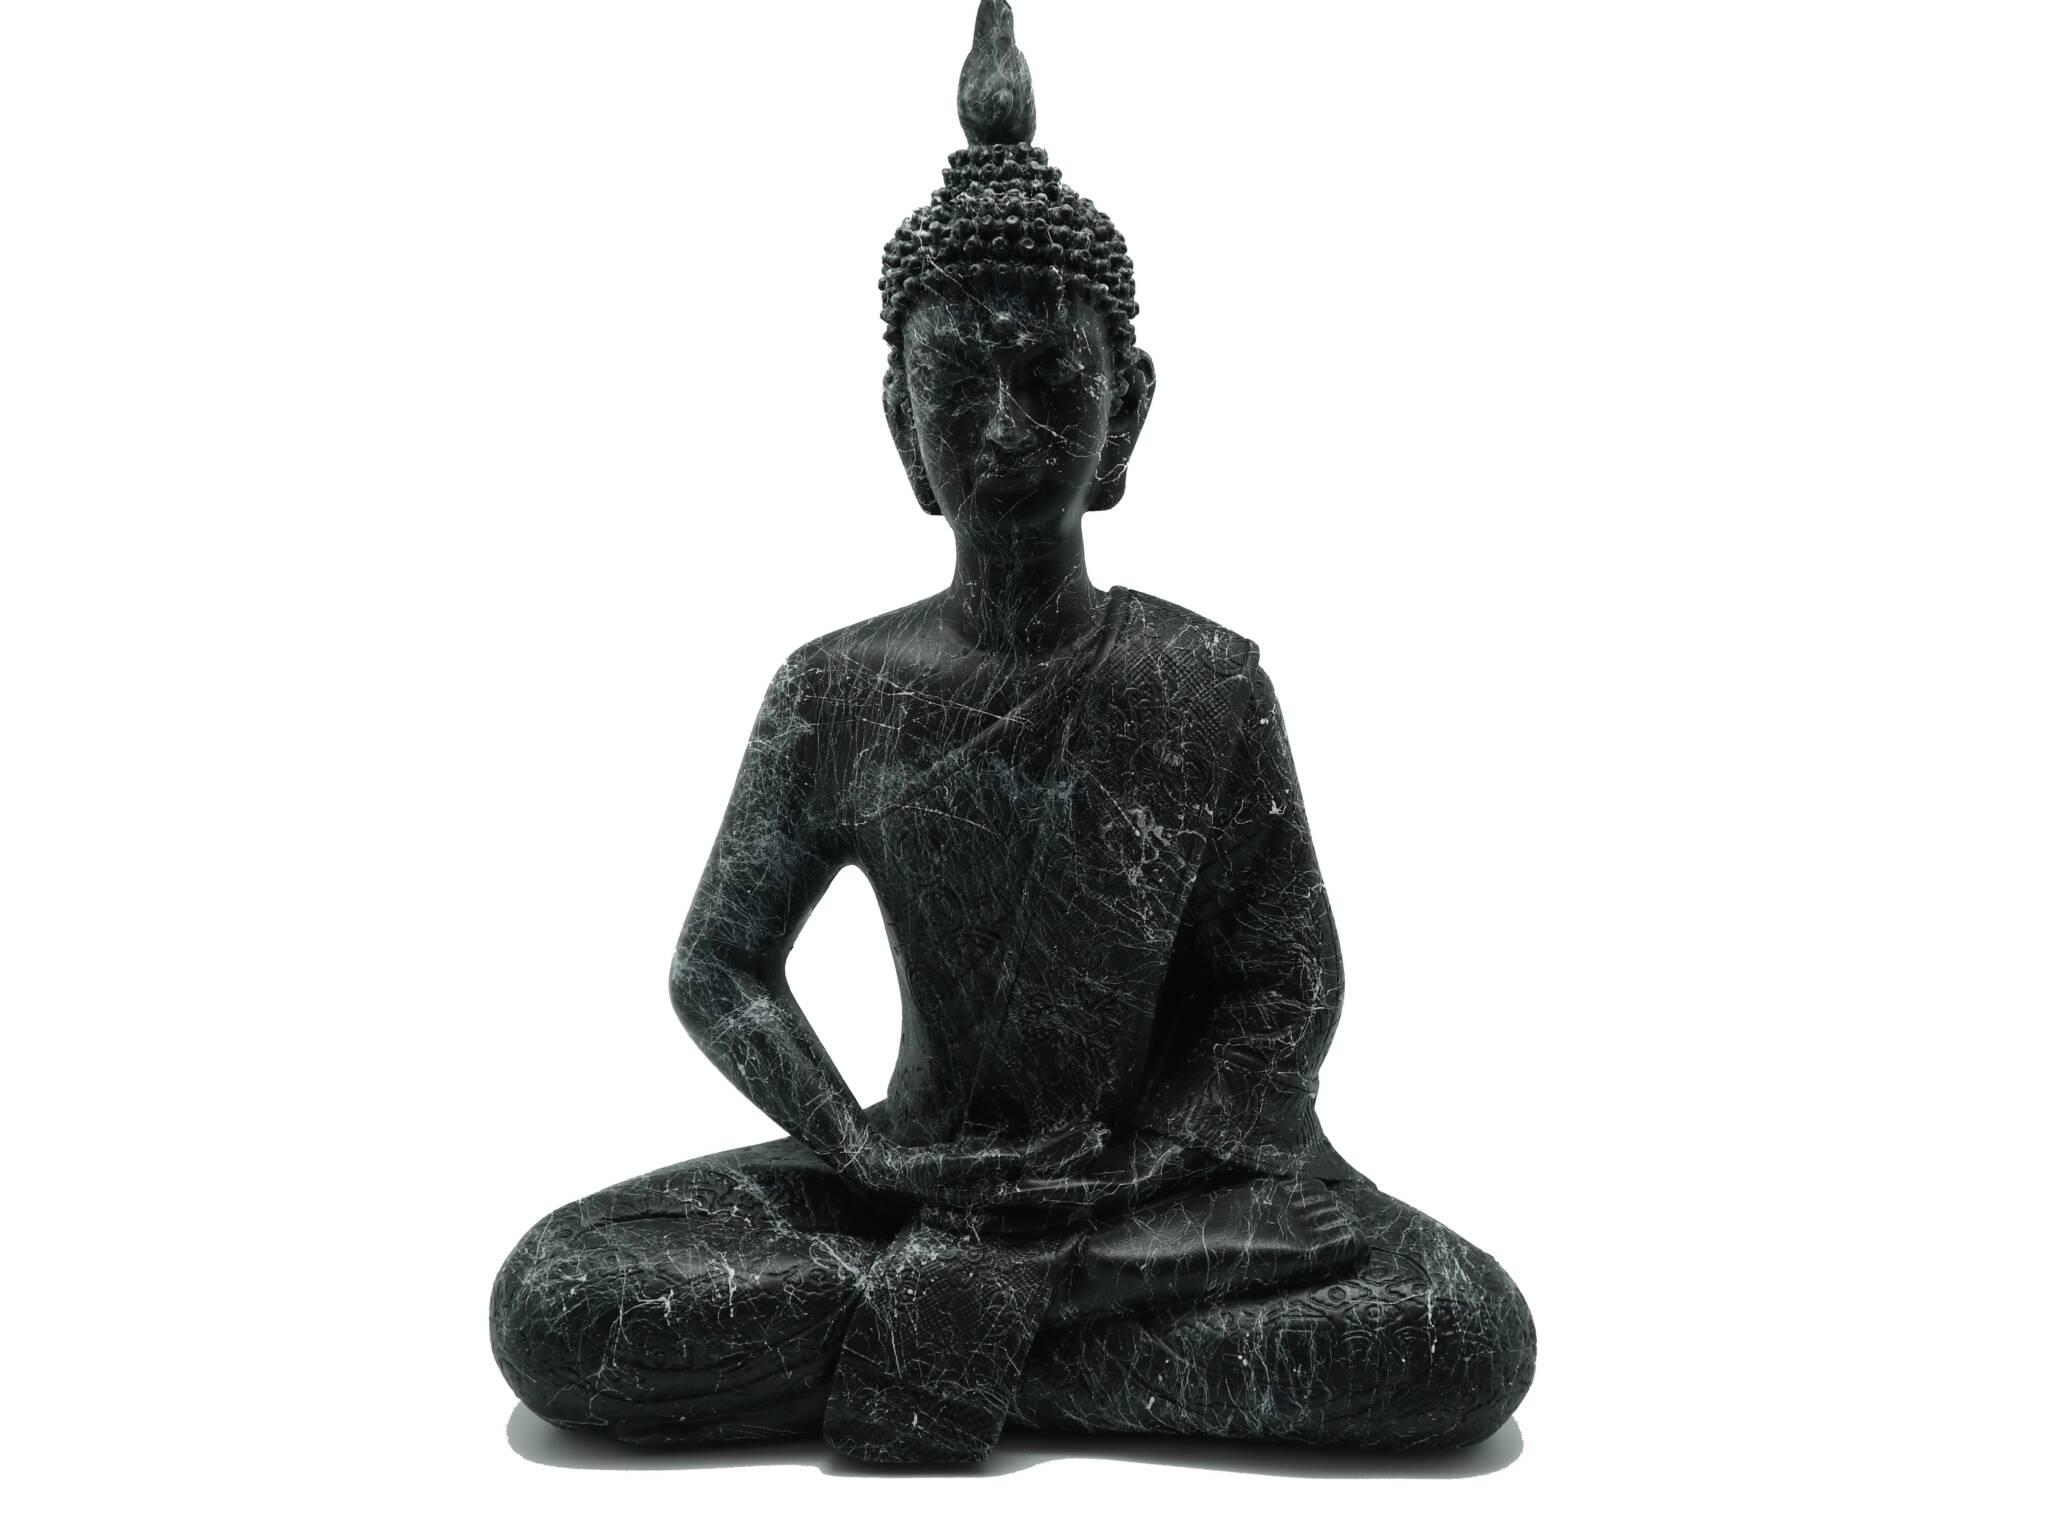 Χειροποίητο Γλυπτό Black Buddha από Αλάβαστρο